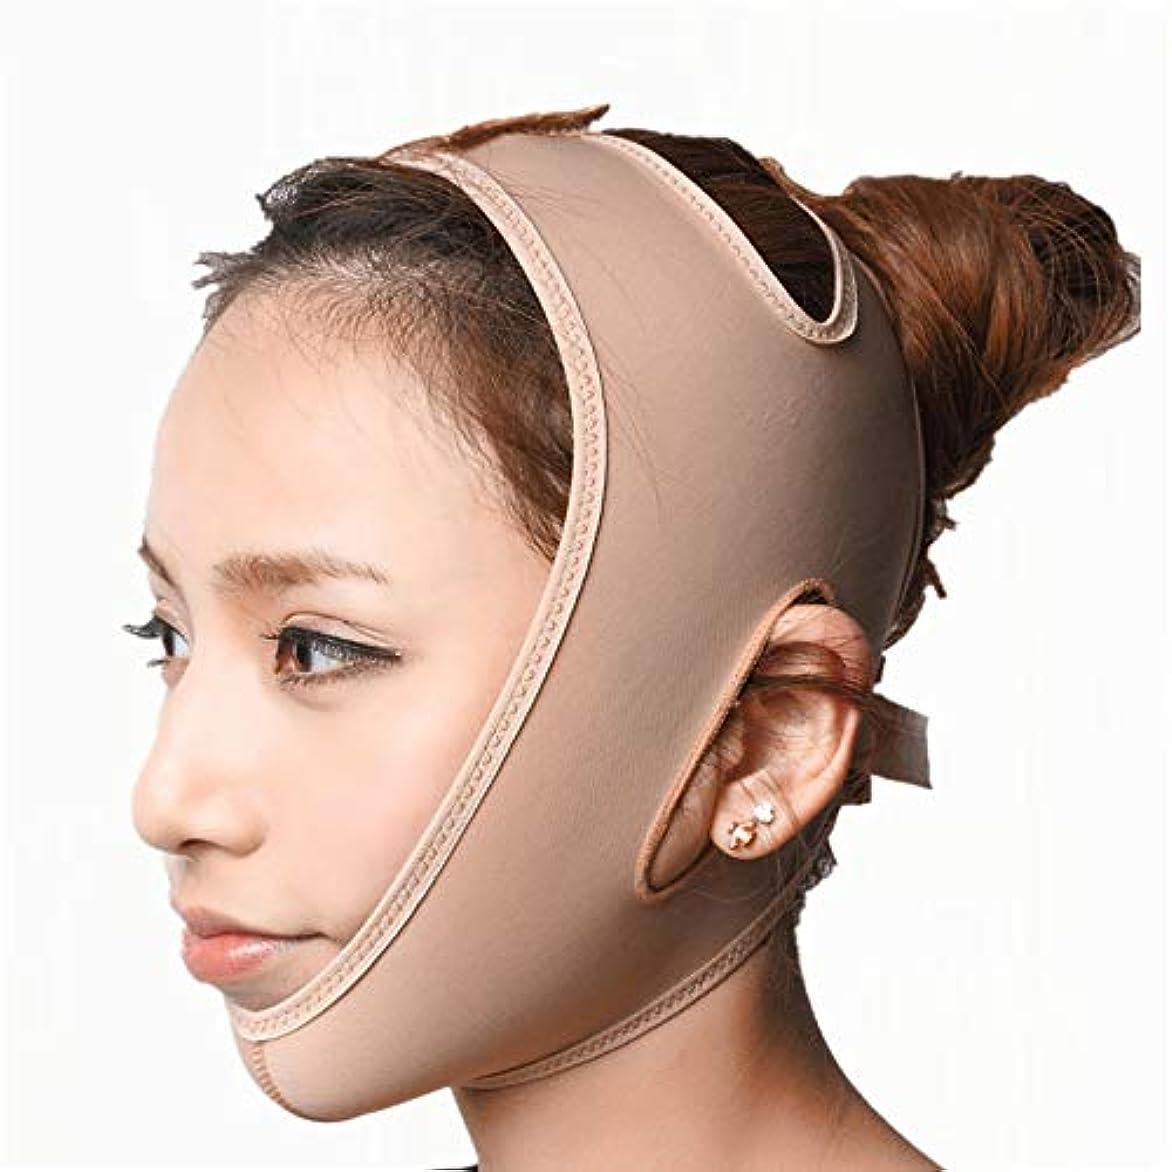 クリップ横対人BS 顔の持ち上がる痩身ベルト - アンチエイジングリンクルフェイスマスクベルトシンフェイス包帯整形マスクは顔と首を締めますフェイススリム フェイスリフティングアーティファクト (Size : L)